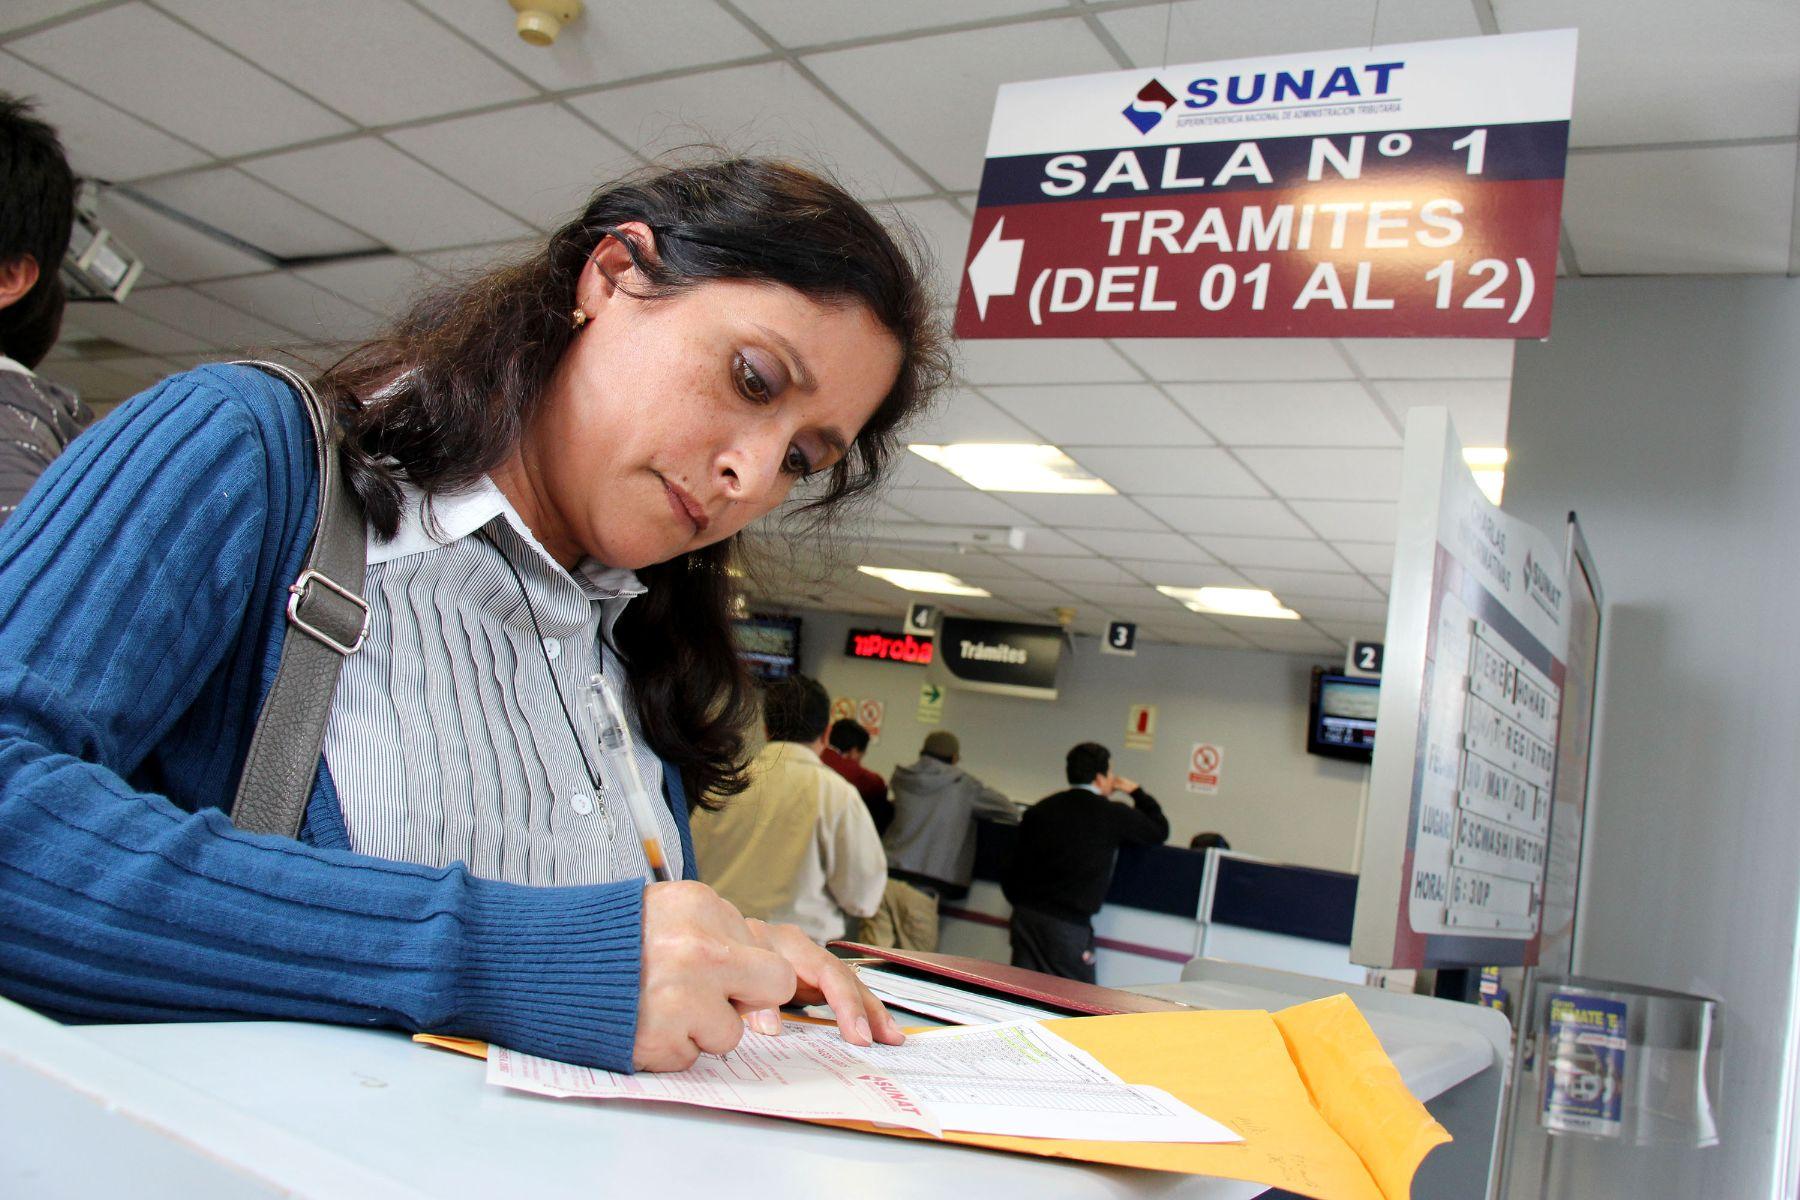 Promulgan ley para que Sunat devuelva impuestos pagados o retenidos en exceso